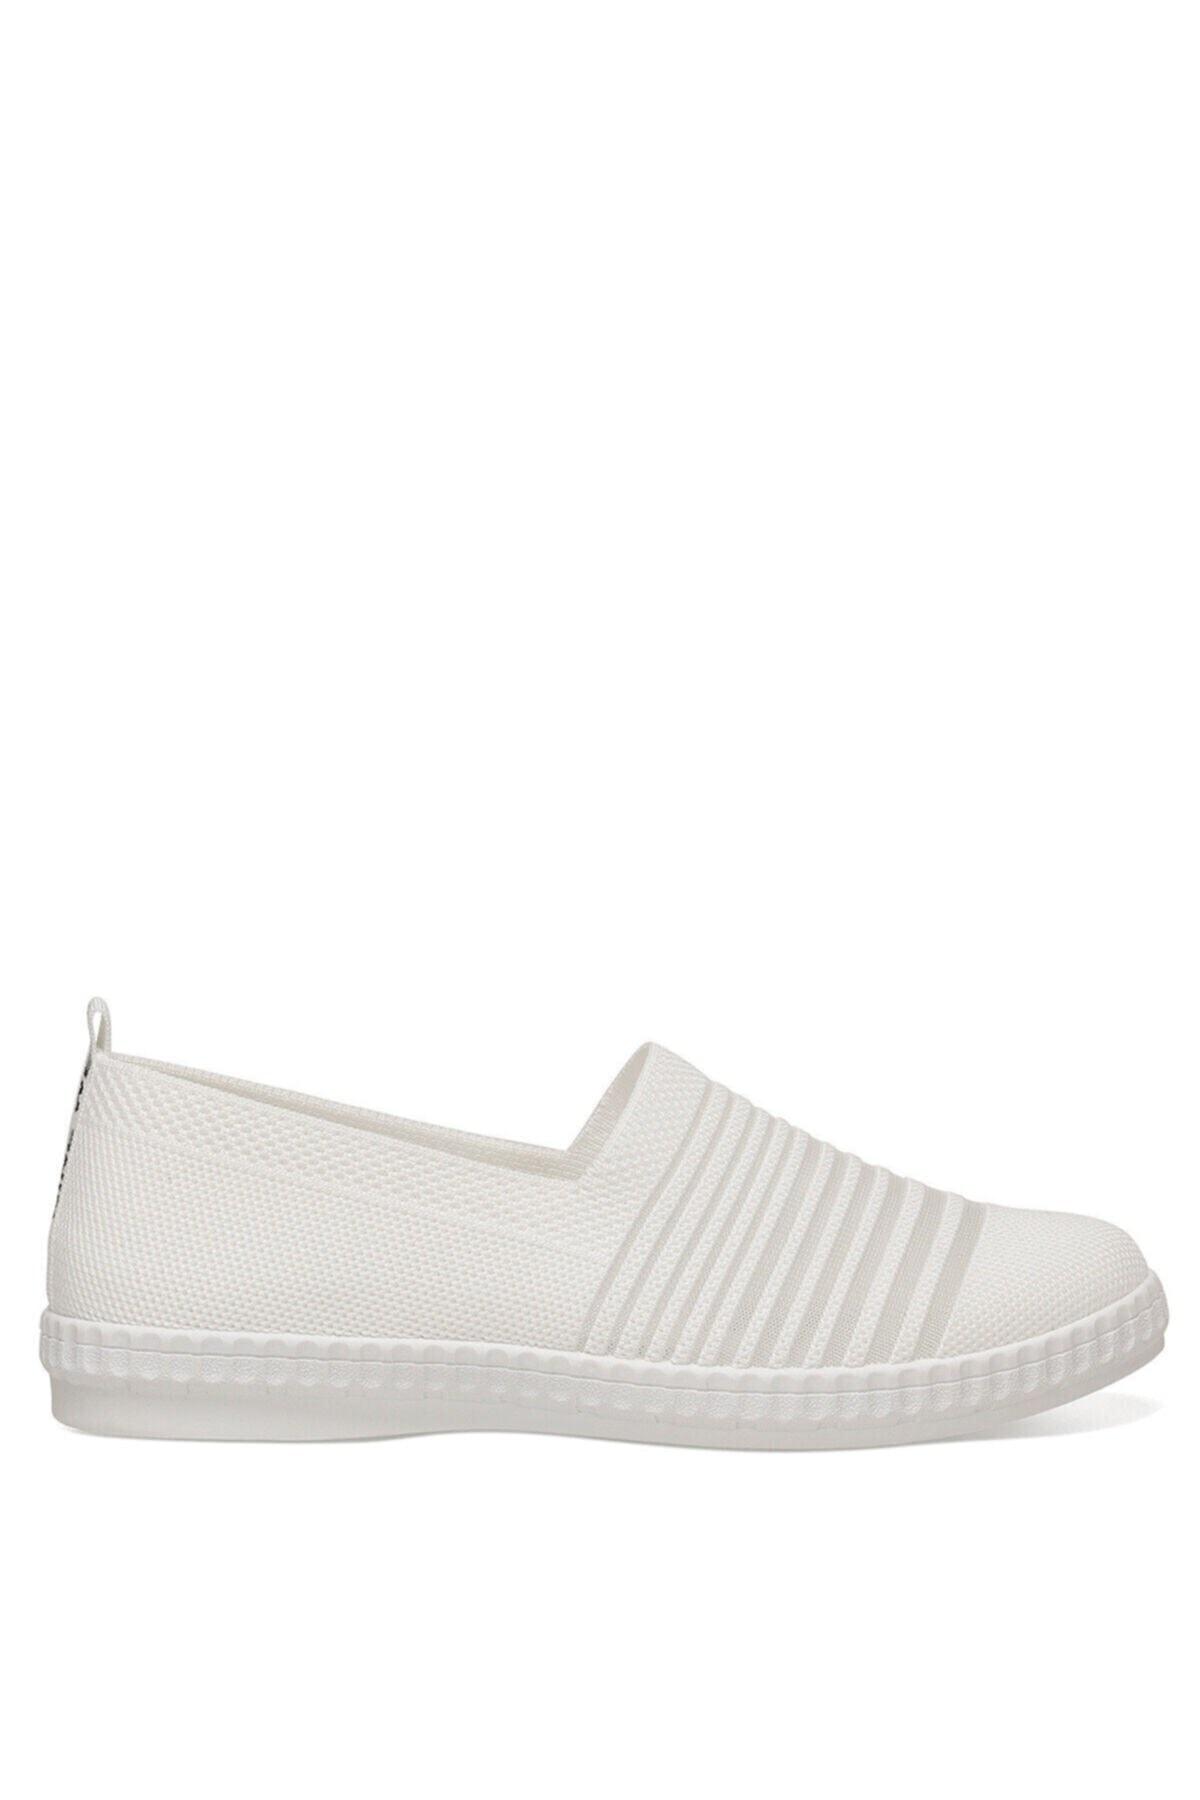 Nine West Kadın Beyaz  Nıne West Ayakkabı Shana 1fx 1